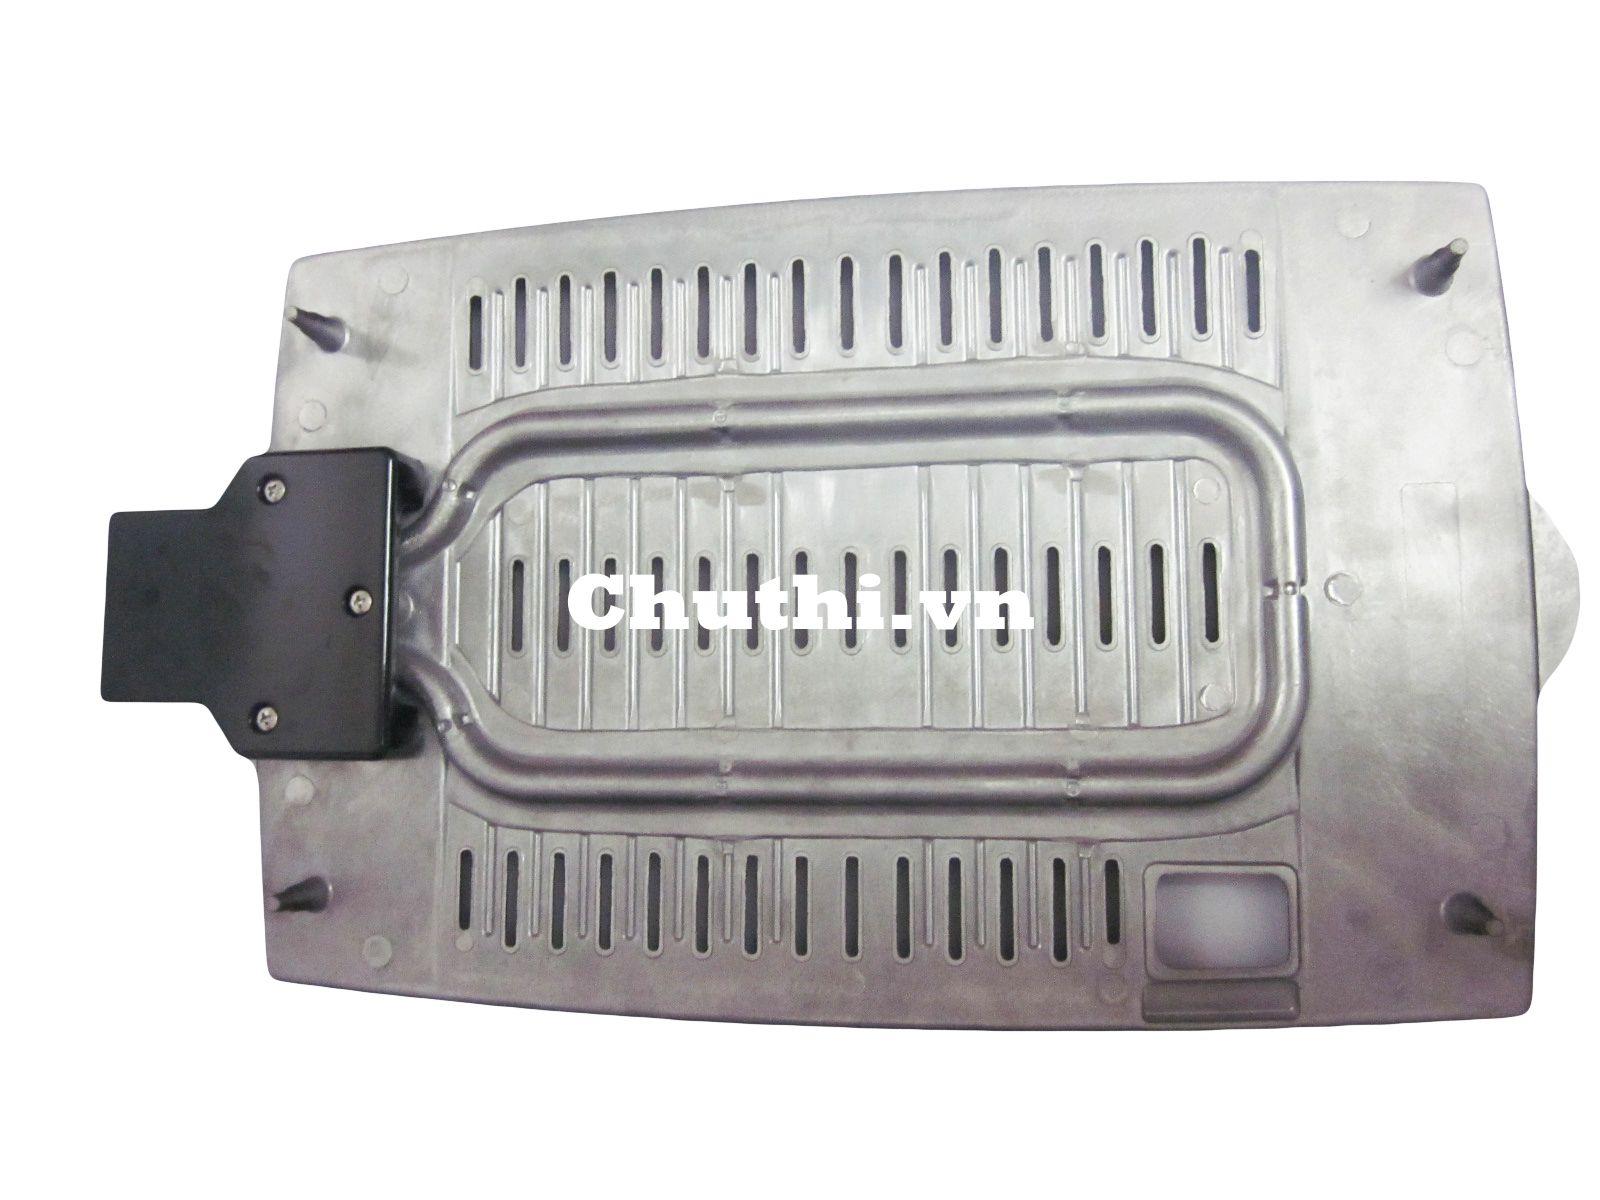 Với bộ phận sinh nhiệt bằng sợi đốt chống dính được bảo vệ an toàn